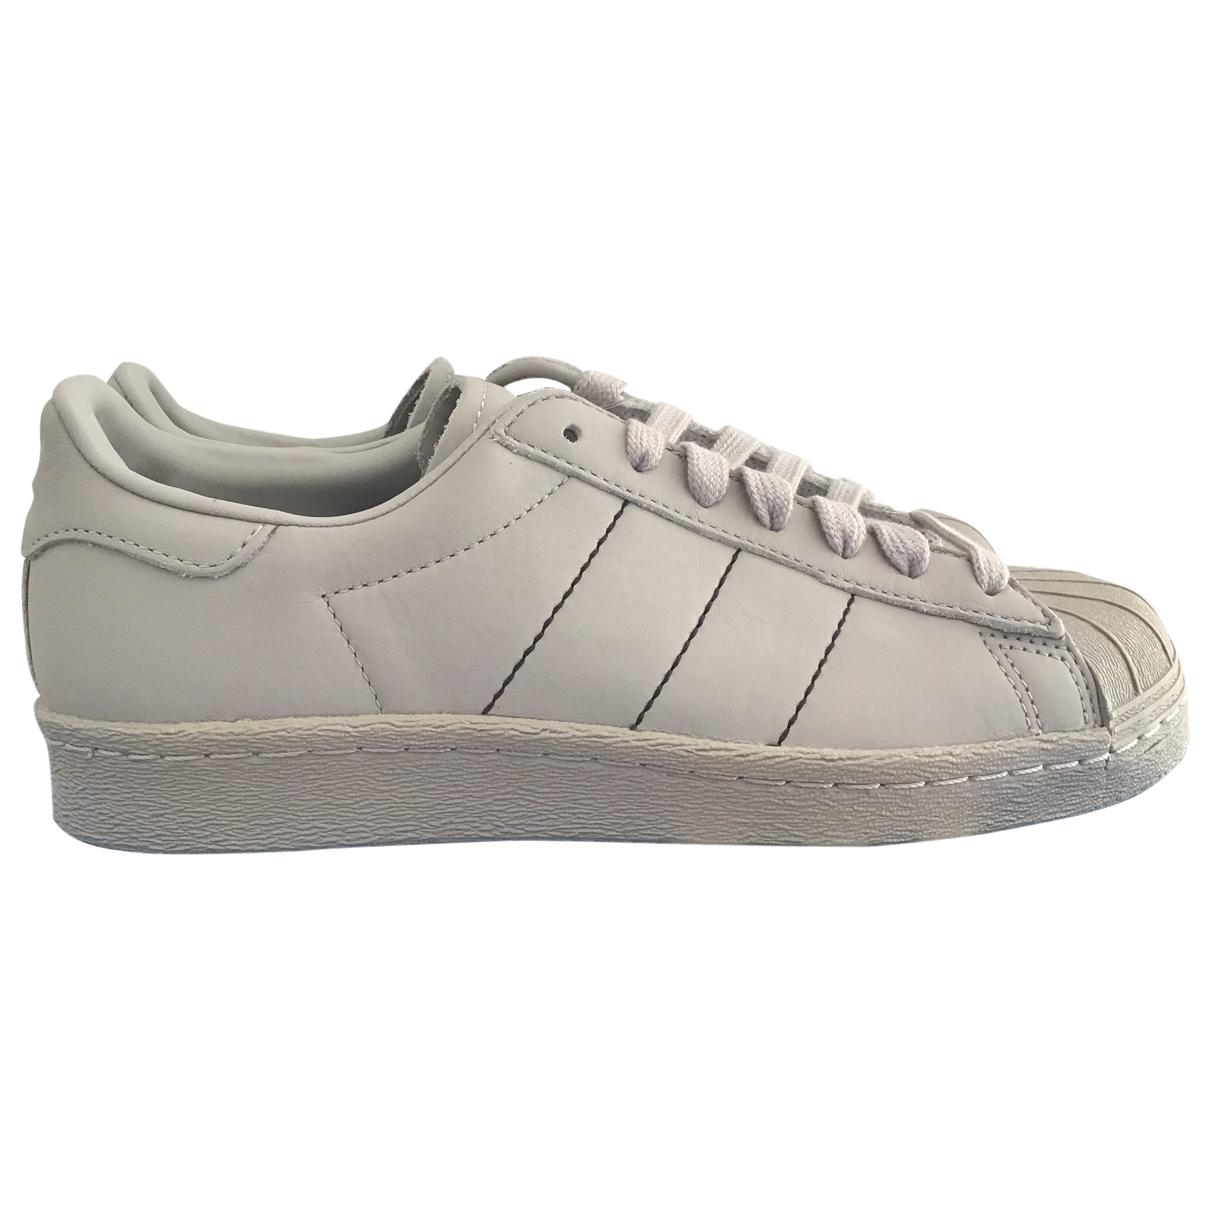 Adidas Superstar Sneakers in  Grau Leder